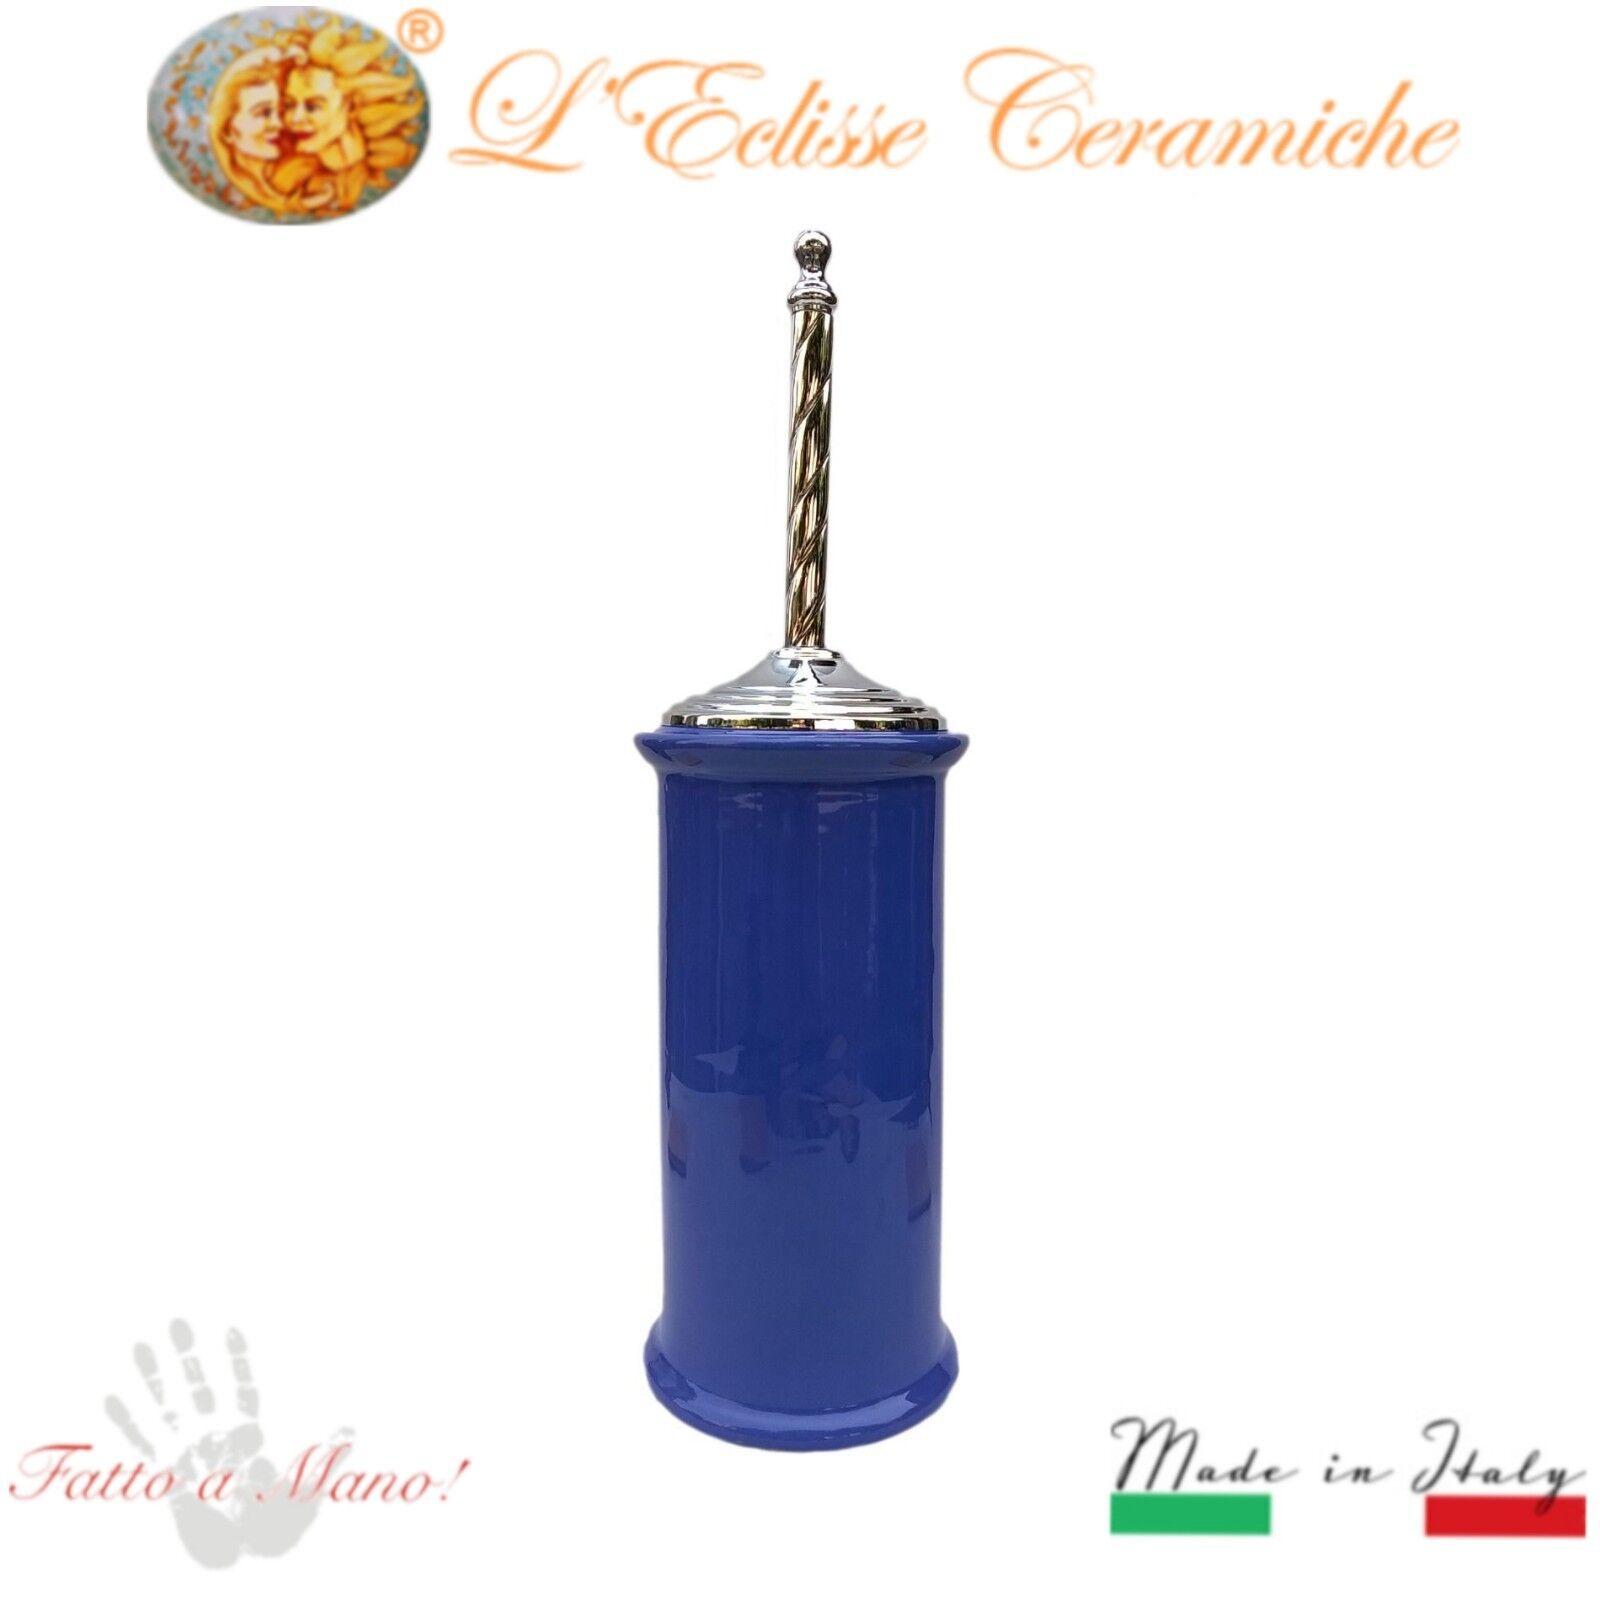 Tür Scopino Arroto bagno Design Ceramica Vietri Made in  Manico Cromo Blau